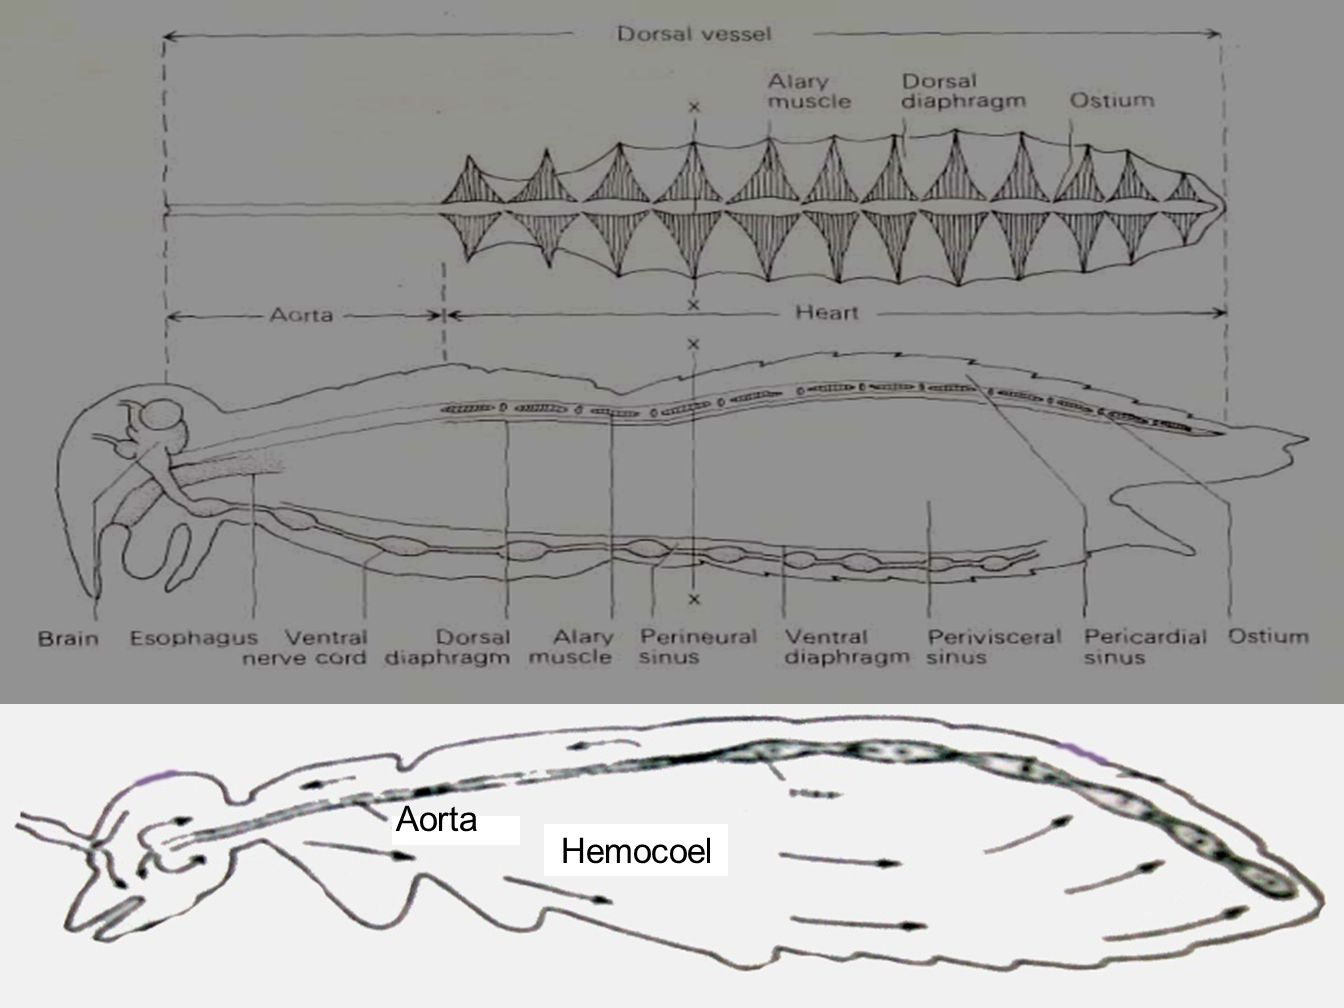 Aorta Hemocoel